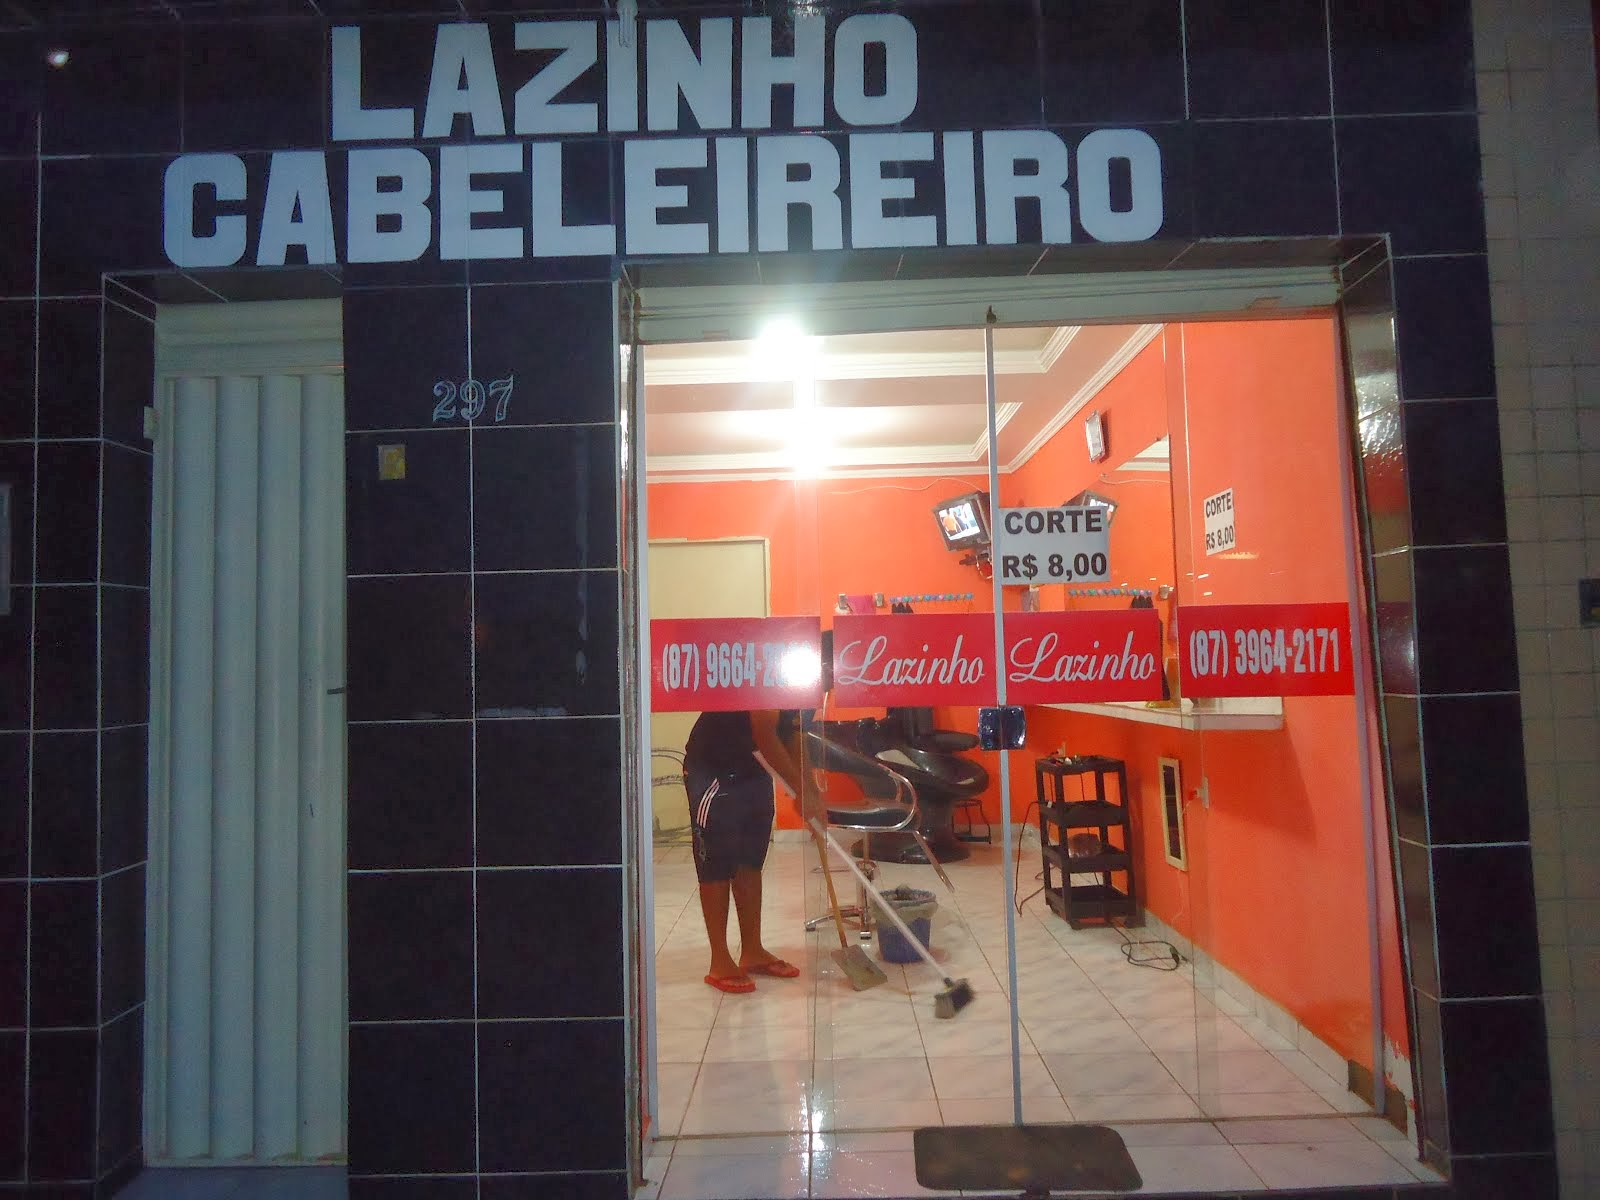 LAZINHO